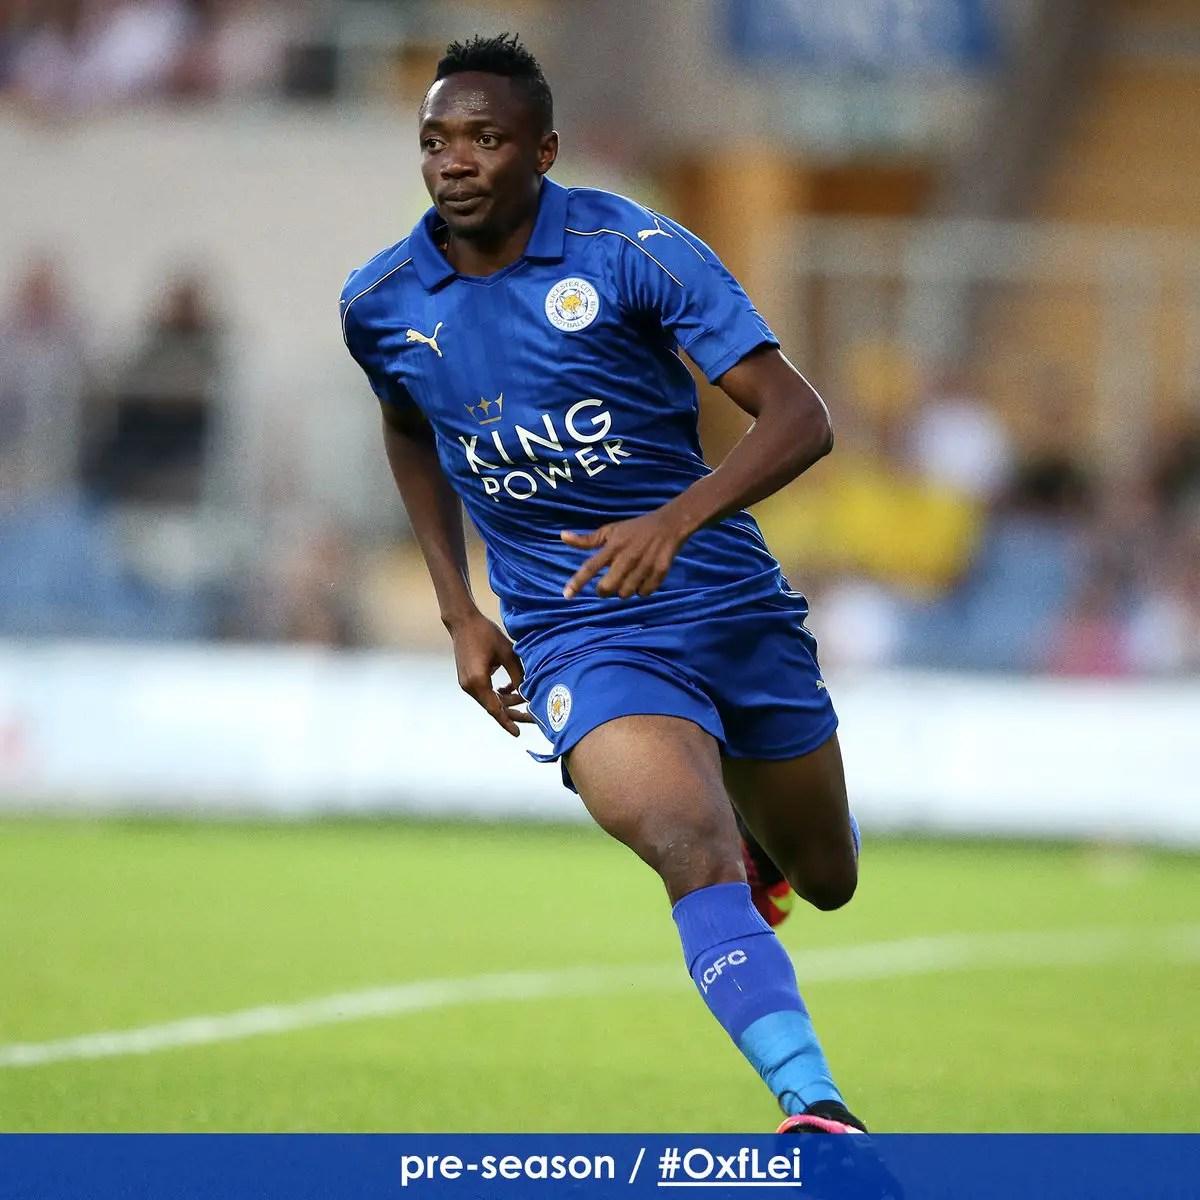 Musa Makes Impressive Leicester Debut In Pre-Season Win